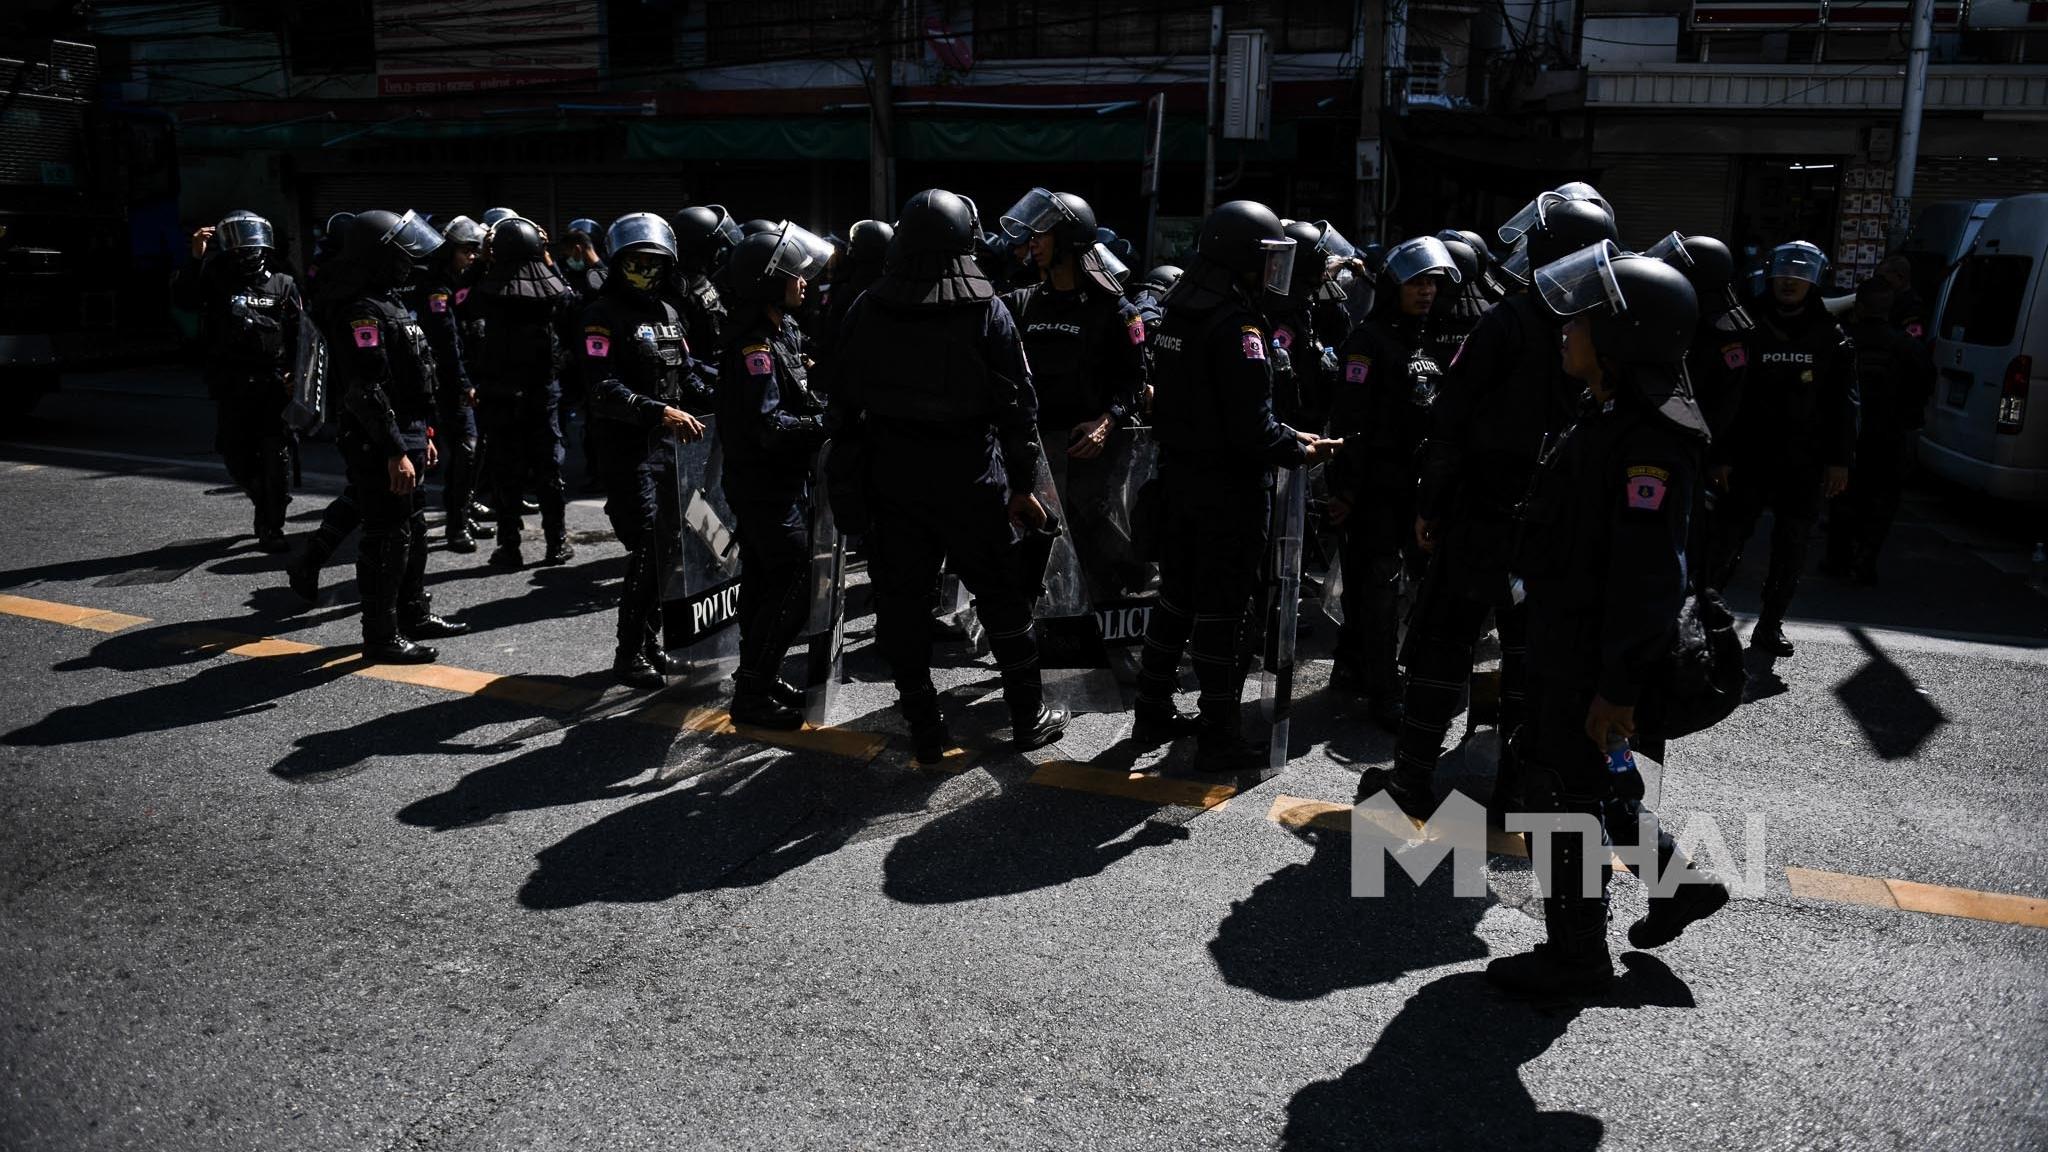 ตำรวจ ตำรวจควบคุมฝูงชน เบี้ยเลี้ยงตำรวจ